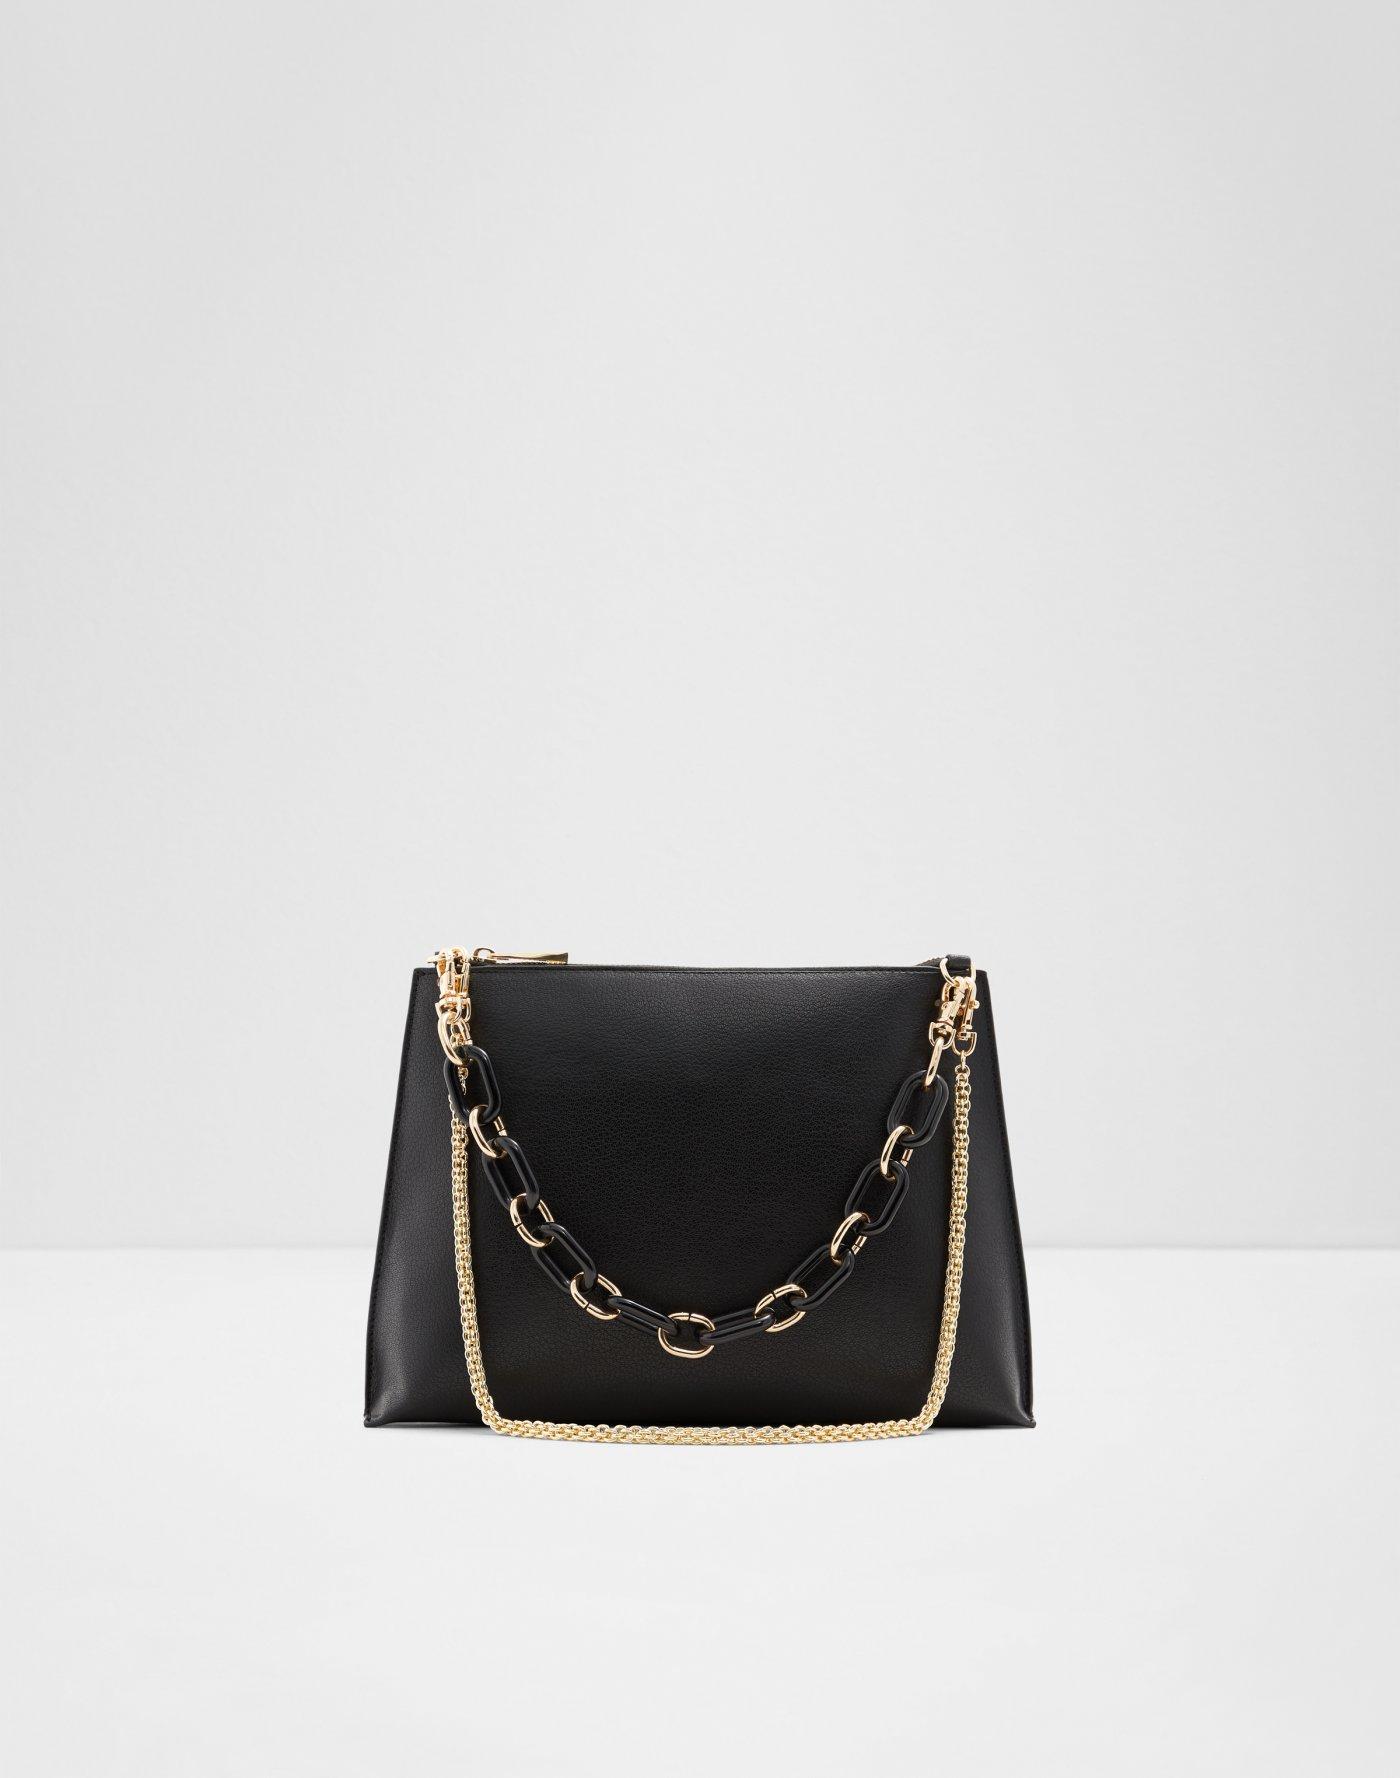 dc8ef74e3afed All Handbags | Aldoshoes.com US